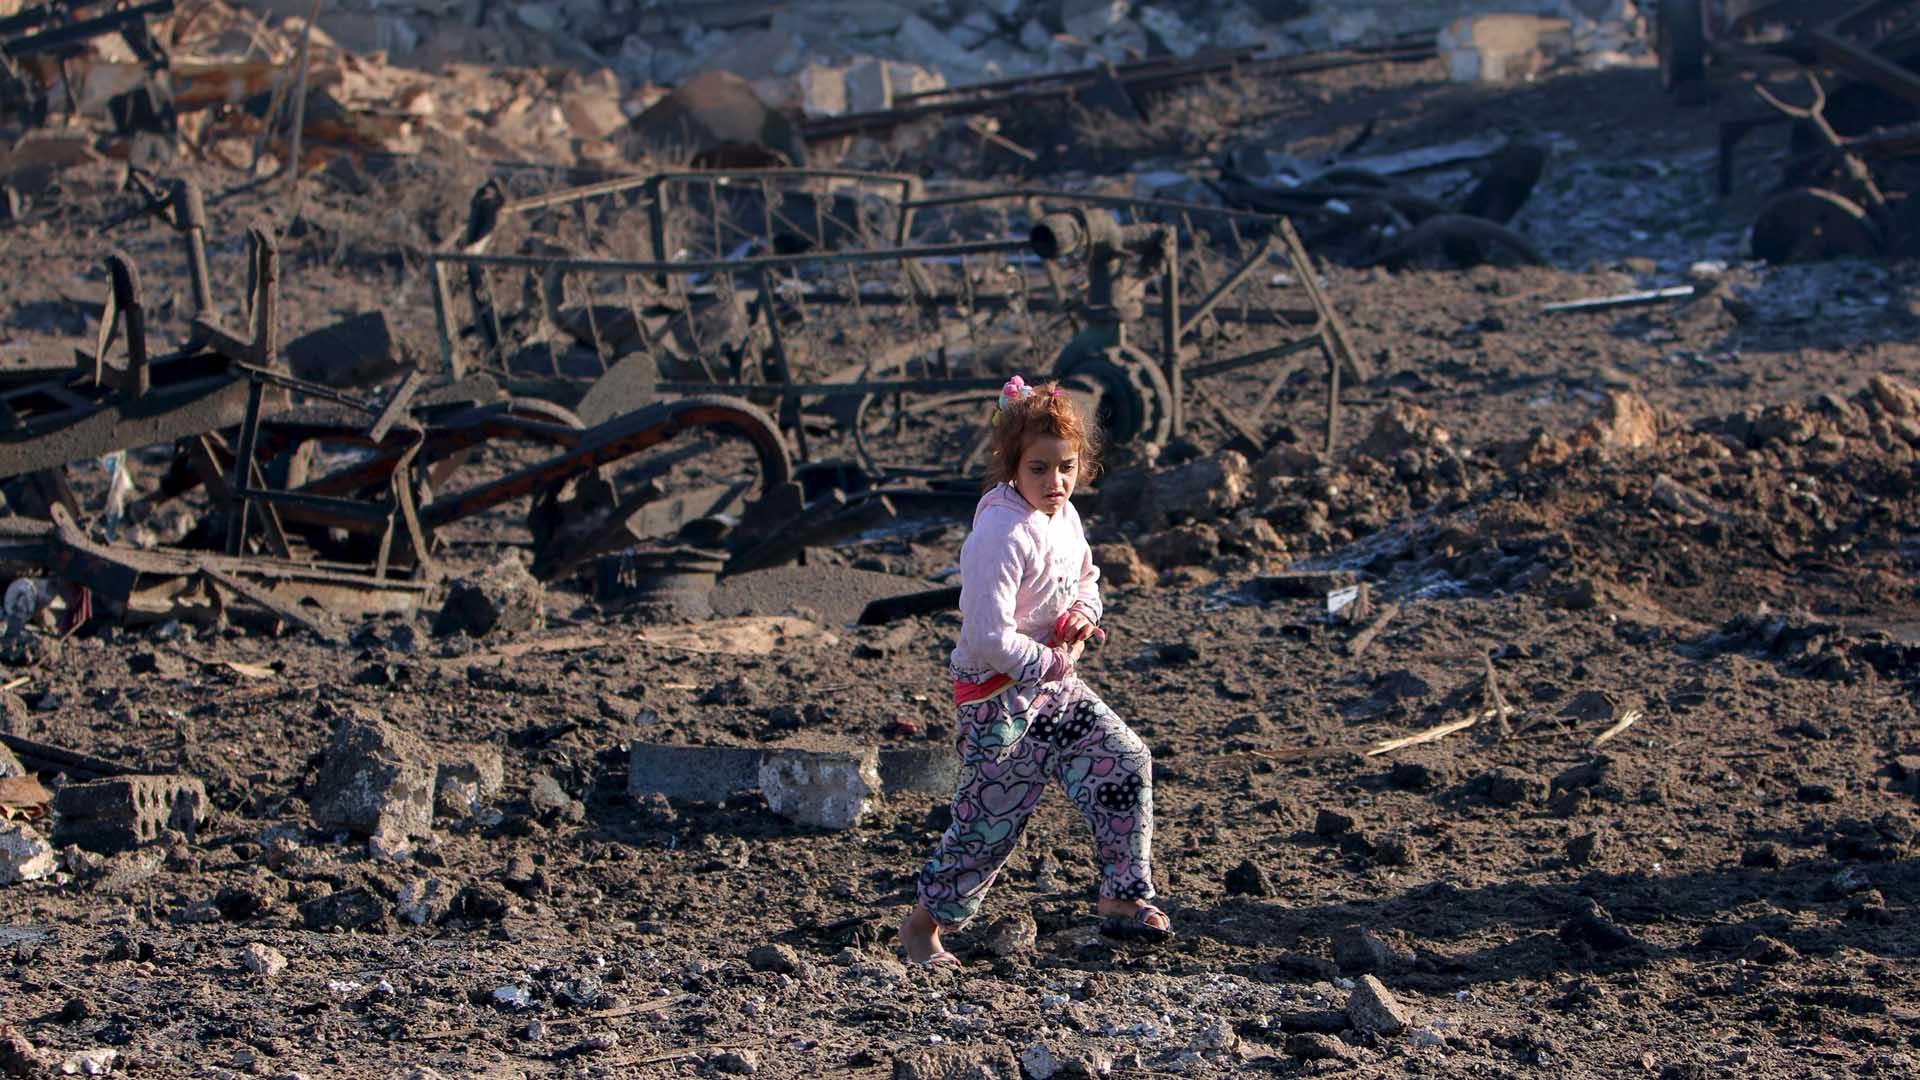 El Observatorio Sirio de Derechos Humanos presume que el hecho fue perpetrado por aviones rusos